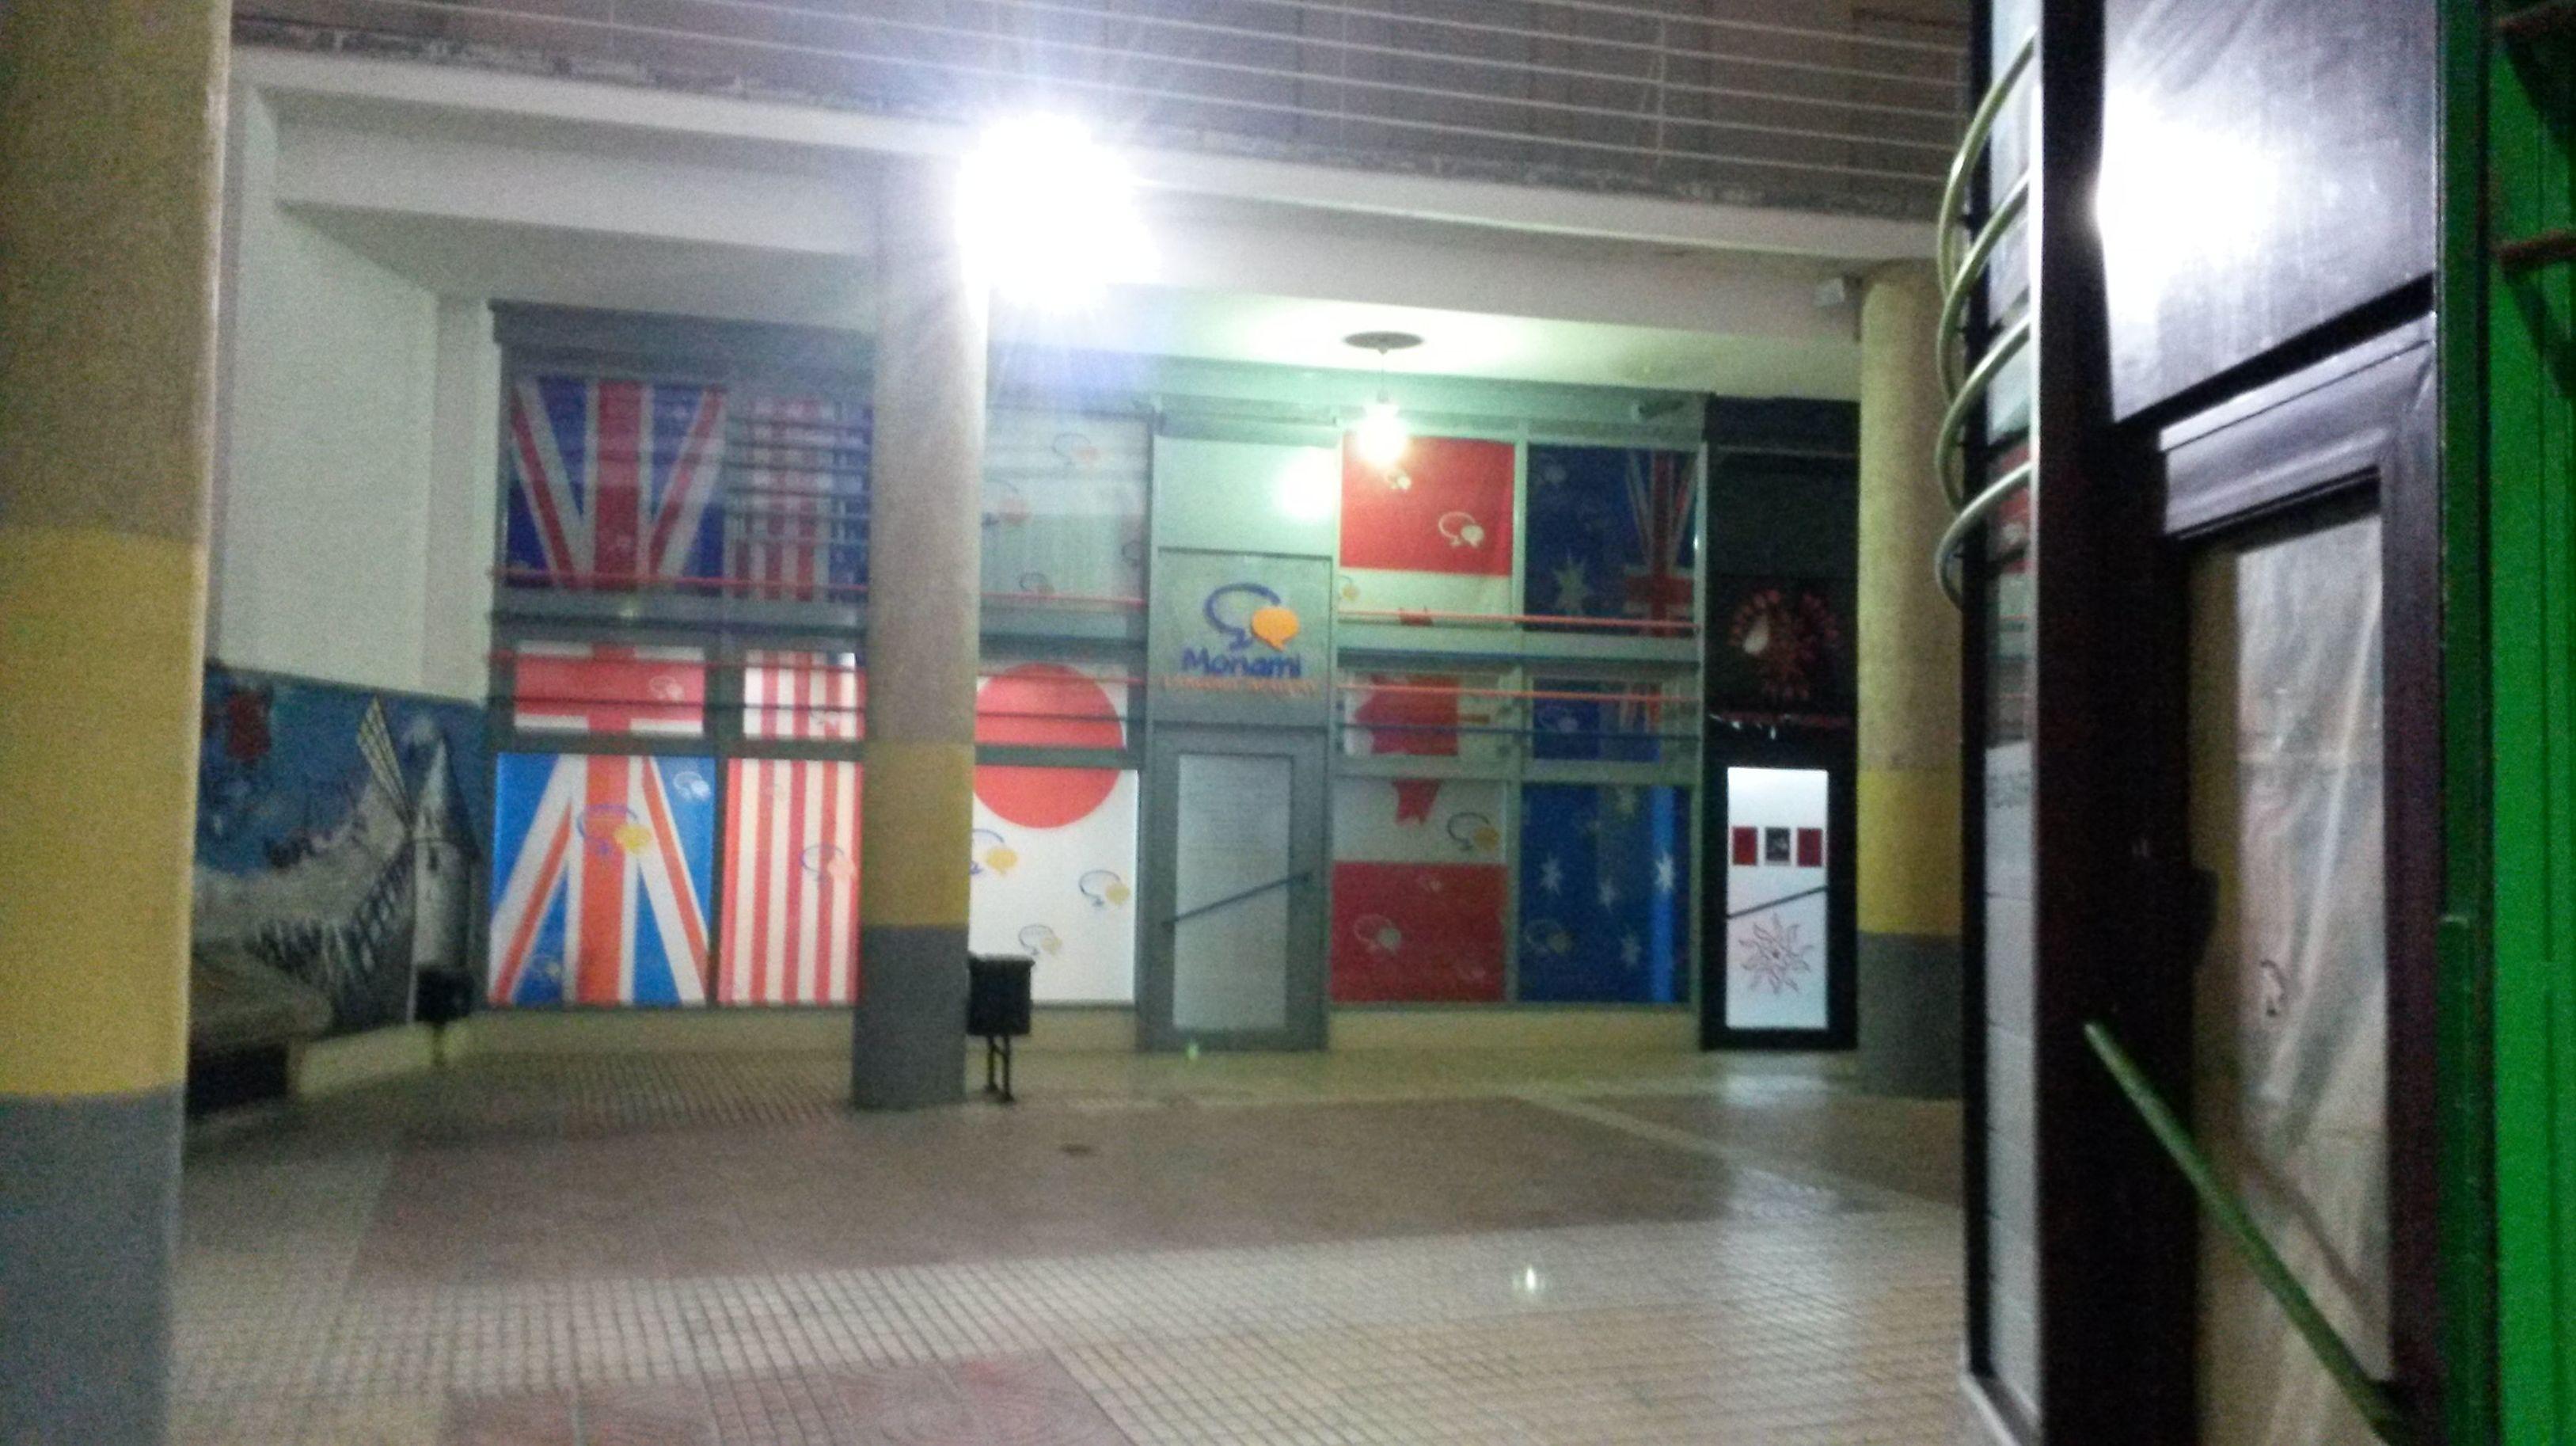 Local para Academia de Idiomas en Benavente